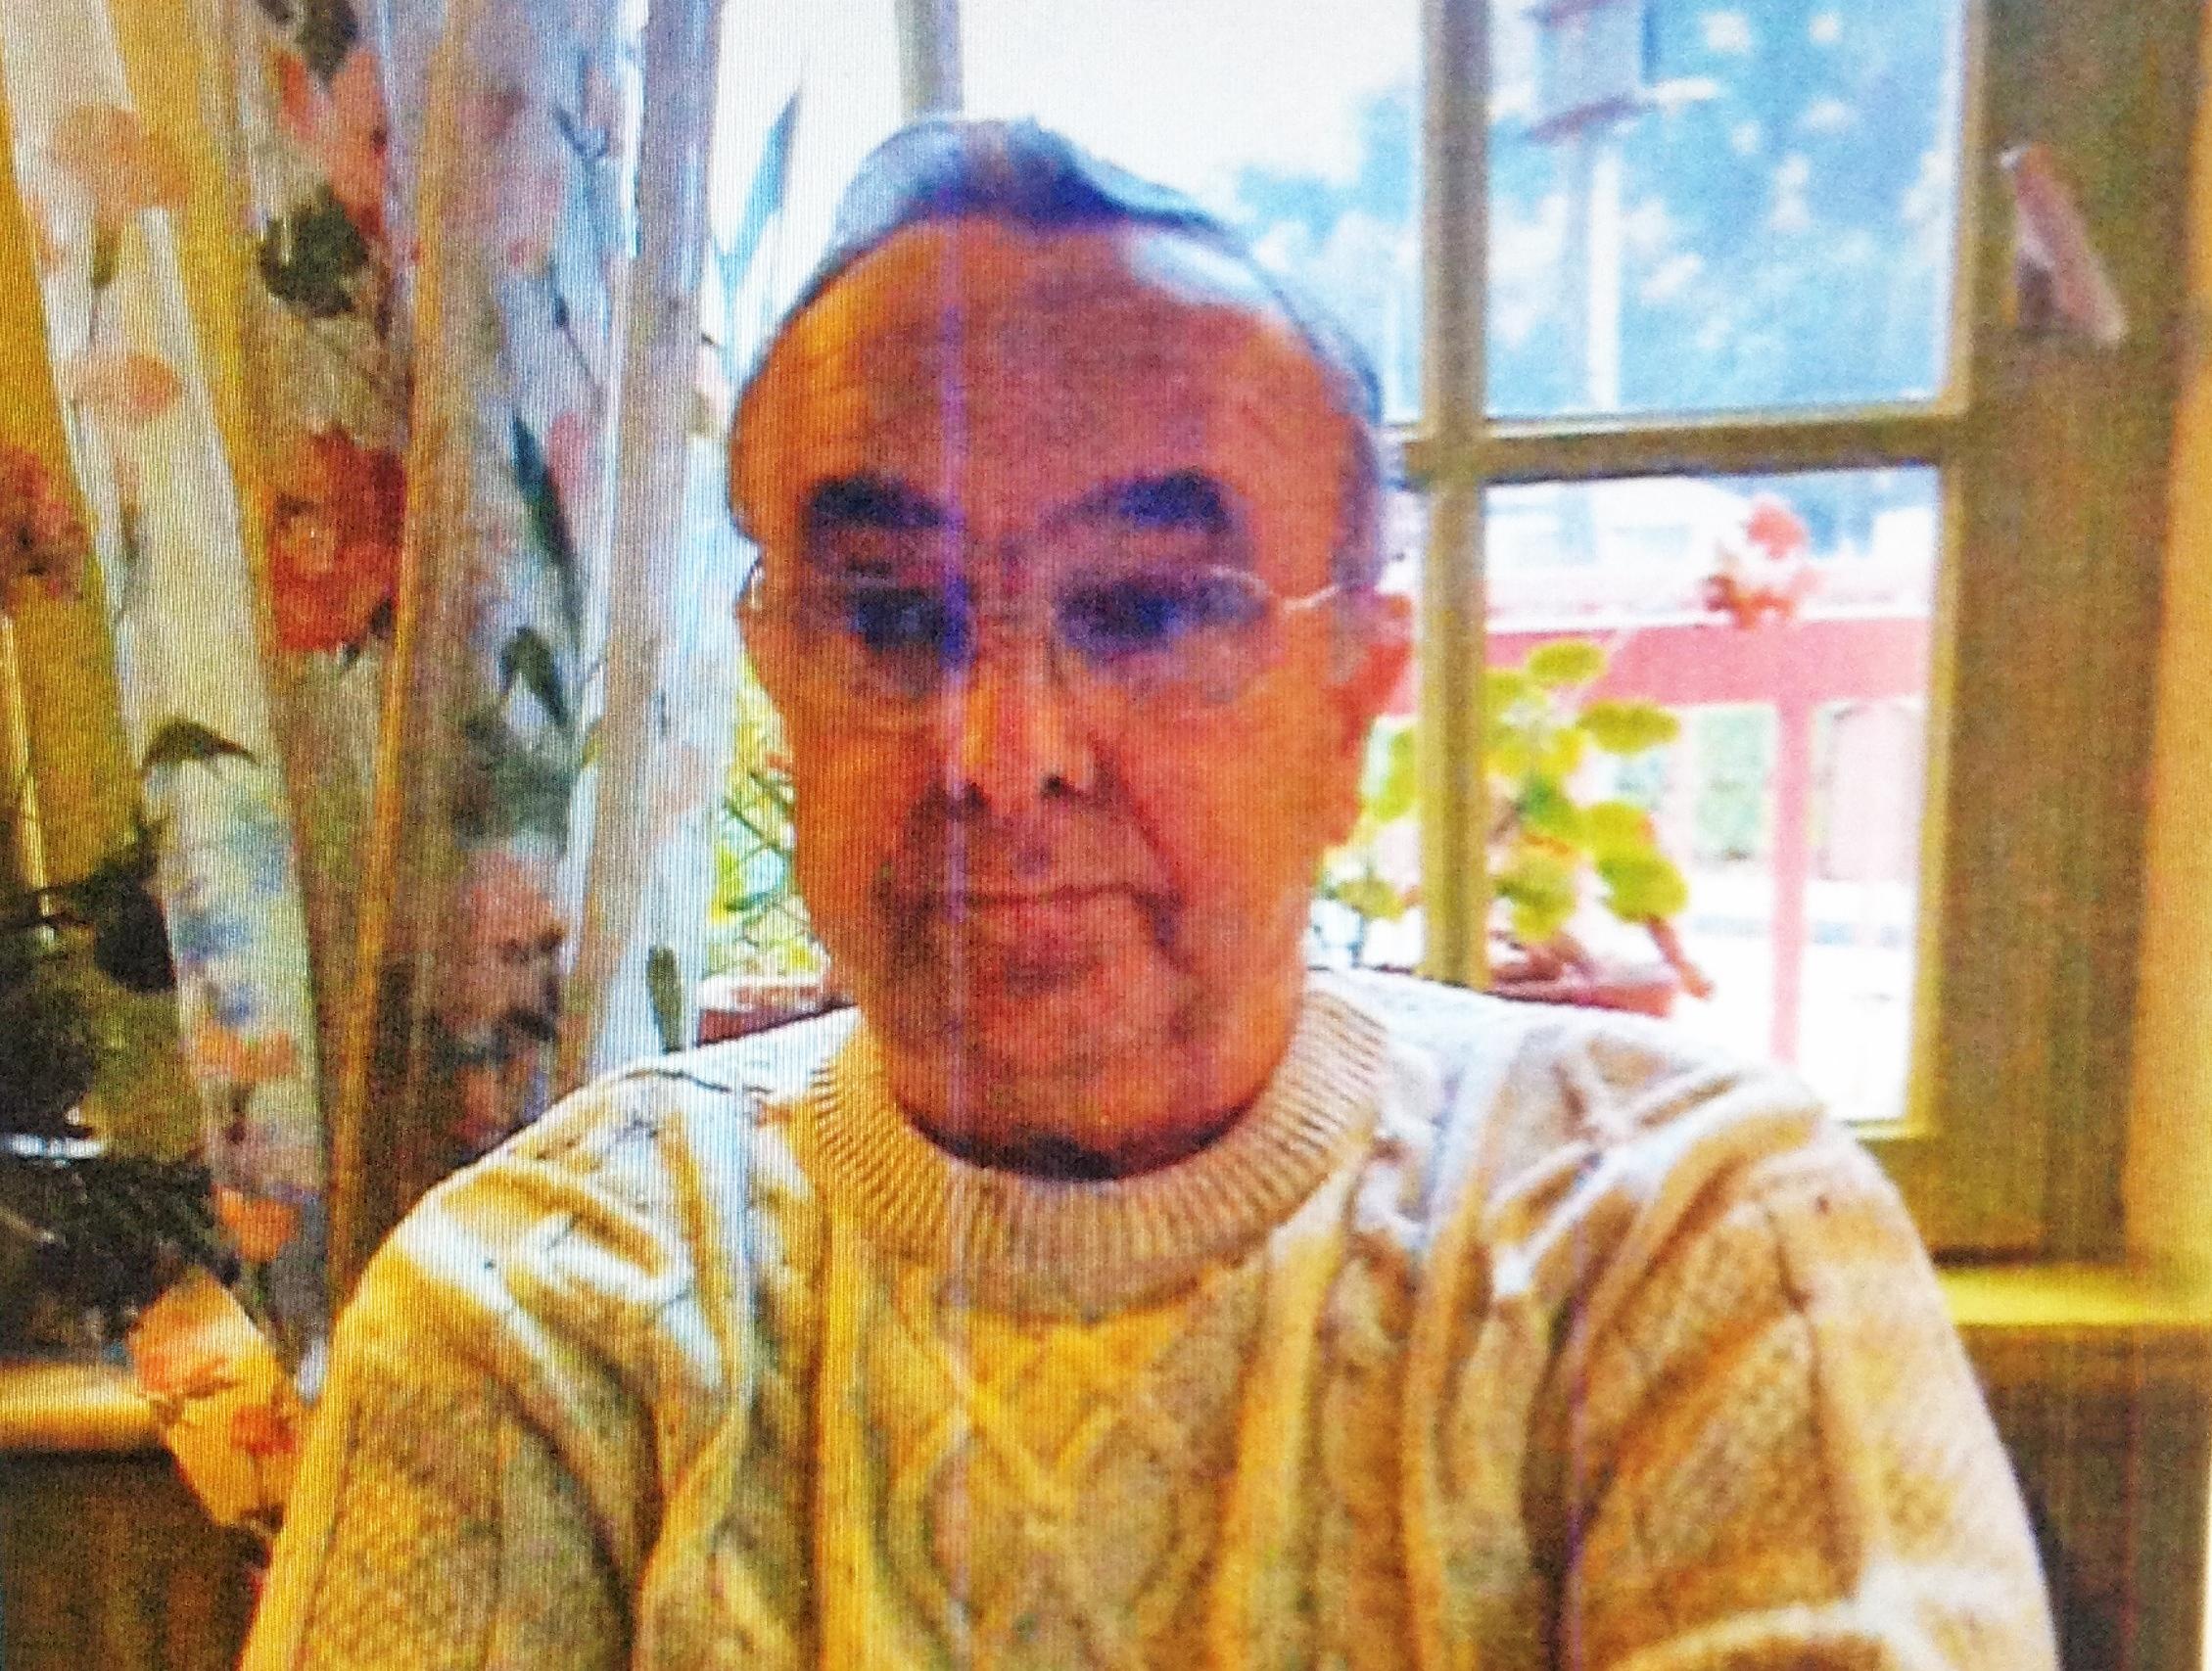 Claude Clapier a disparu depuis le 26 mars (Photo @DDSP)